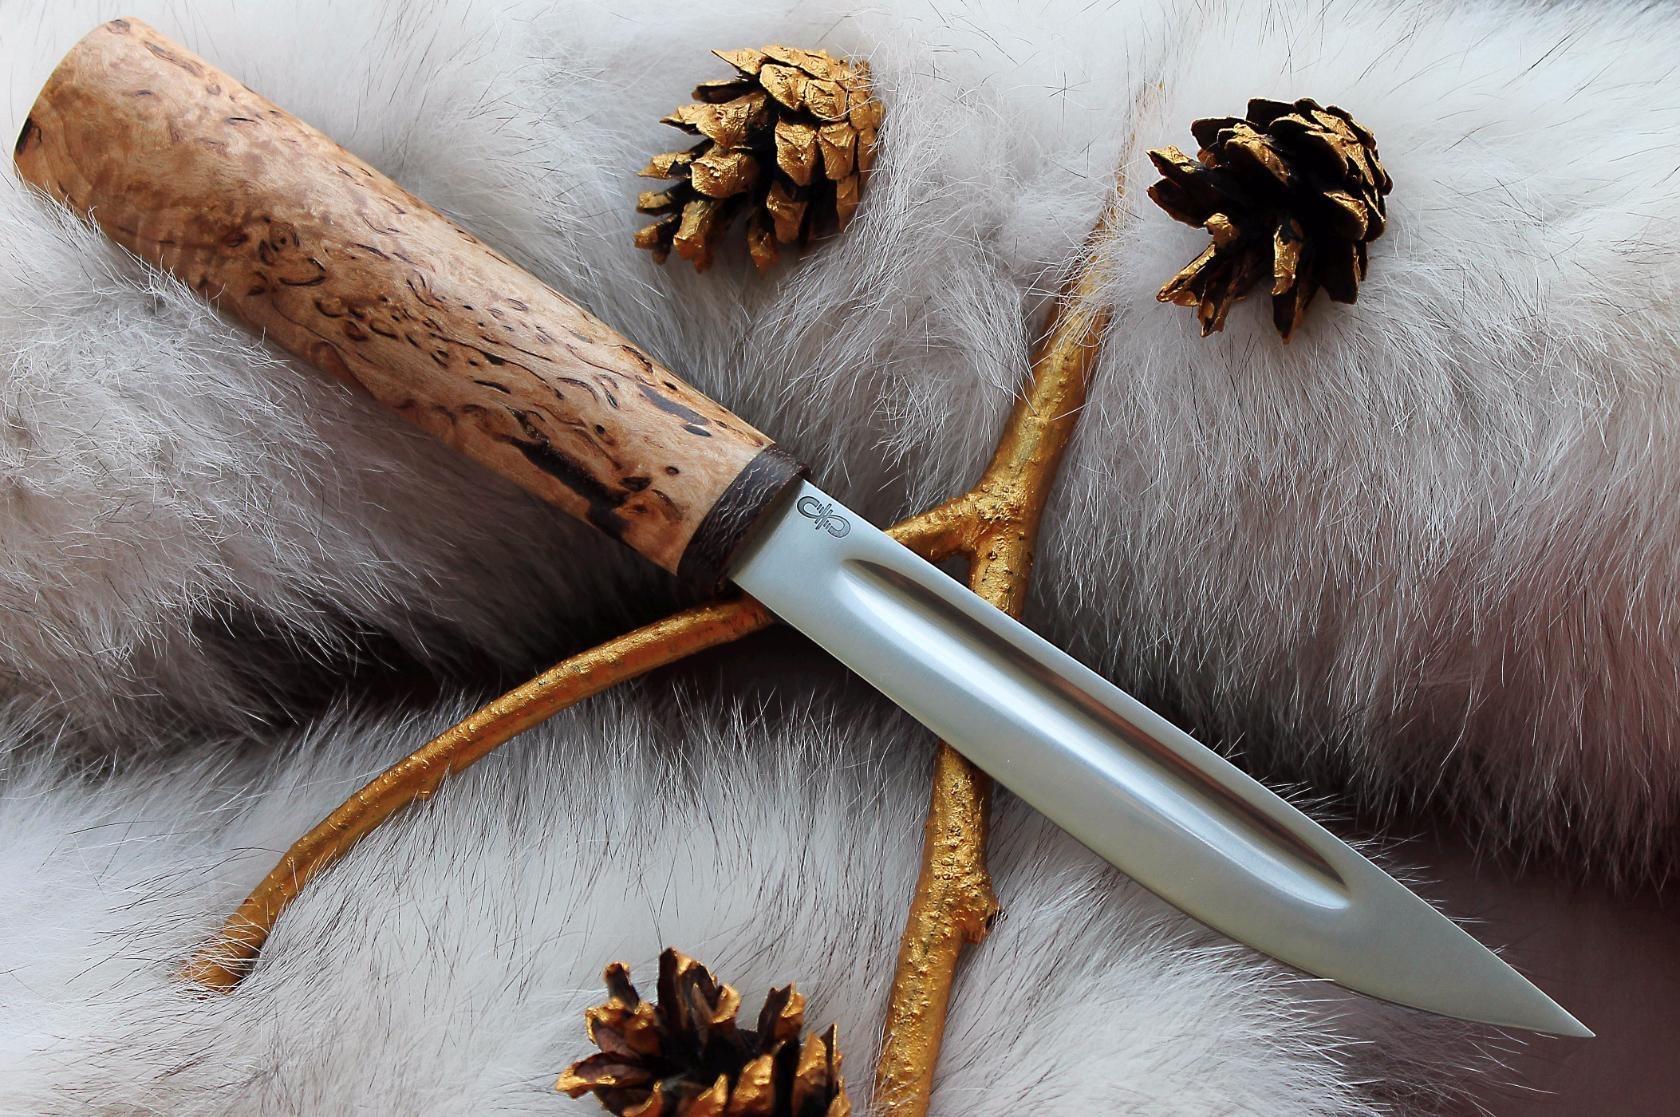 Zrencrbq yj; Якутский нож